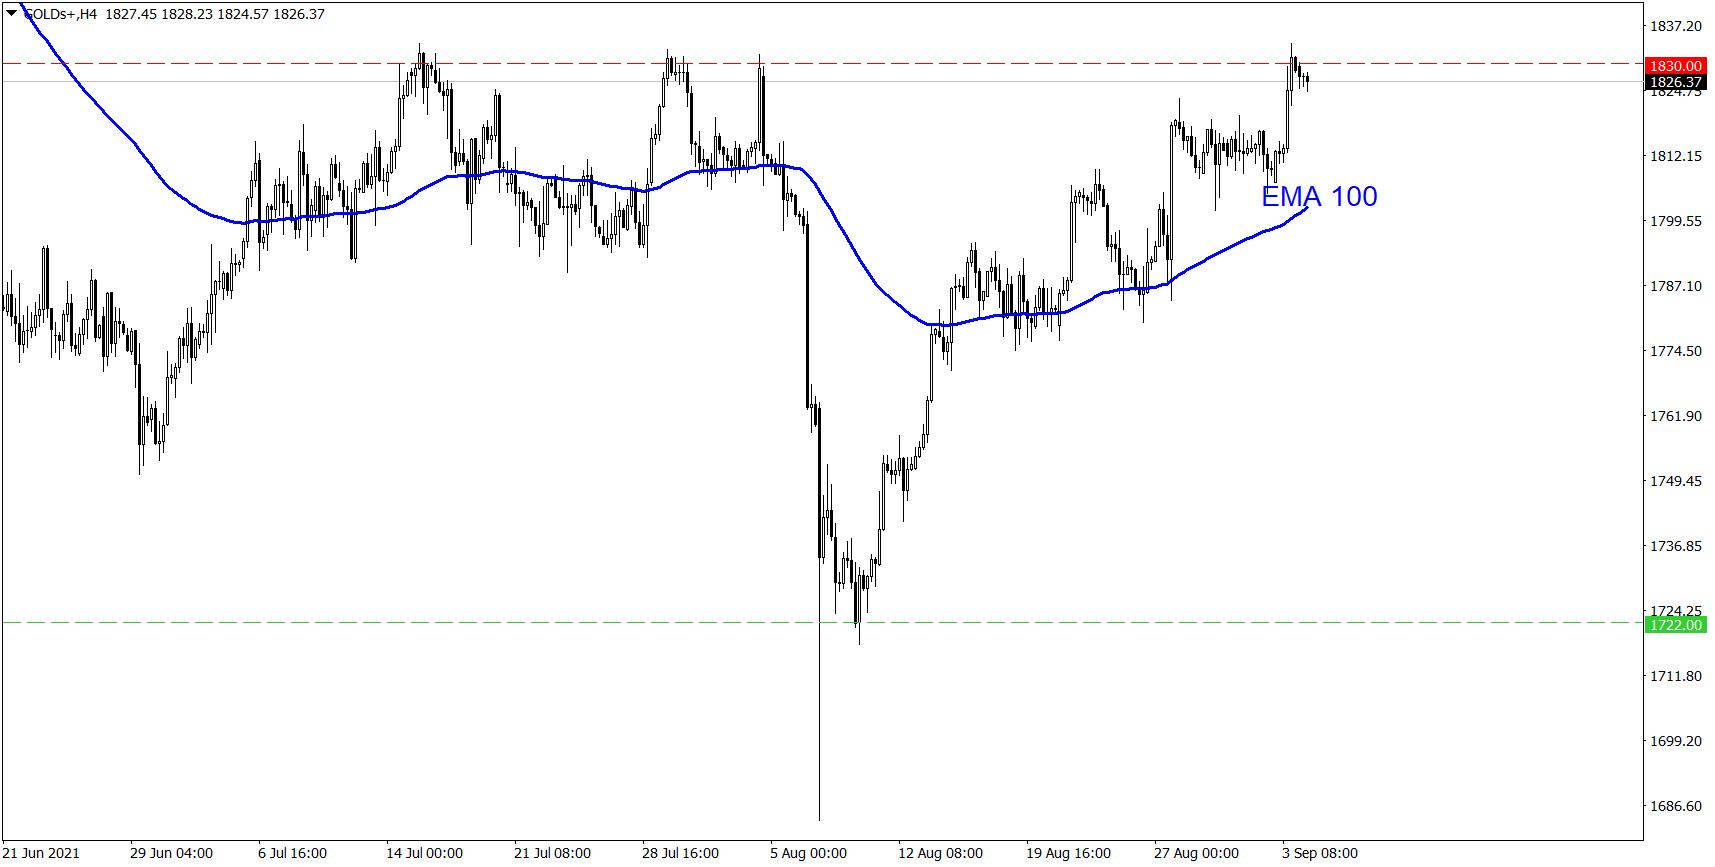 Analiza rynku złota